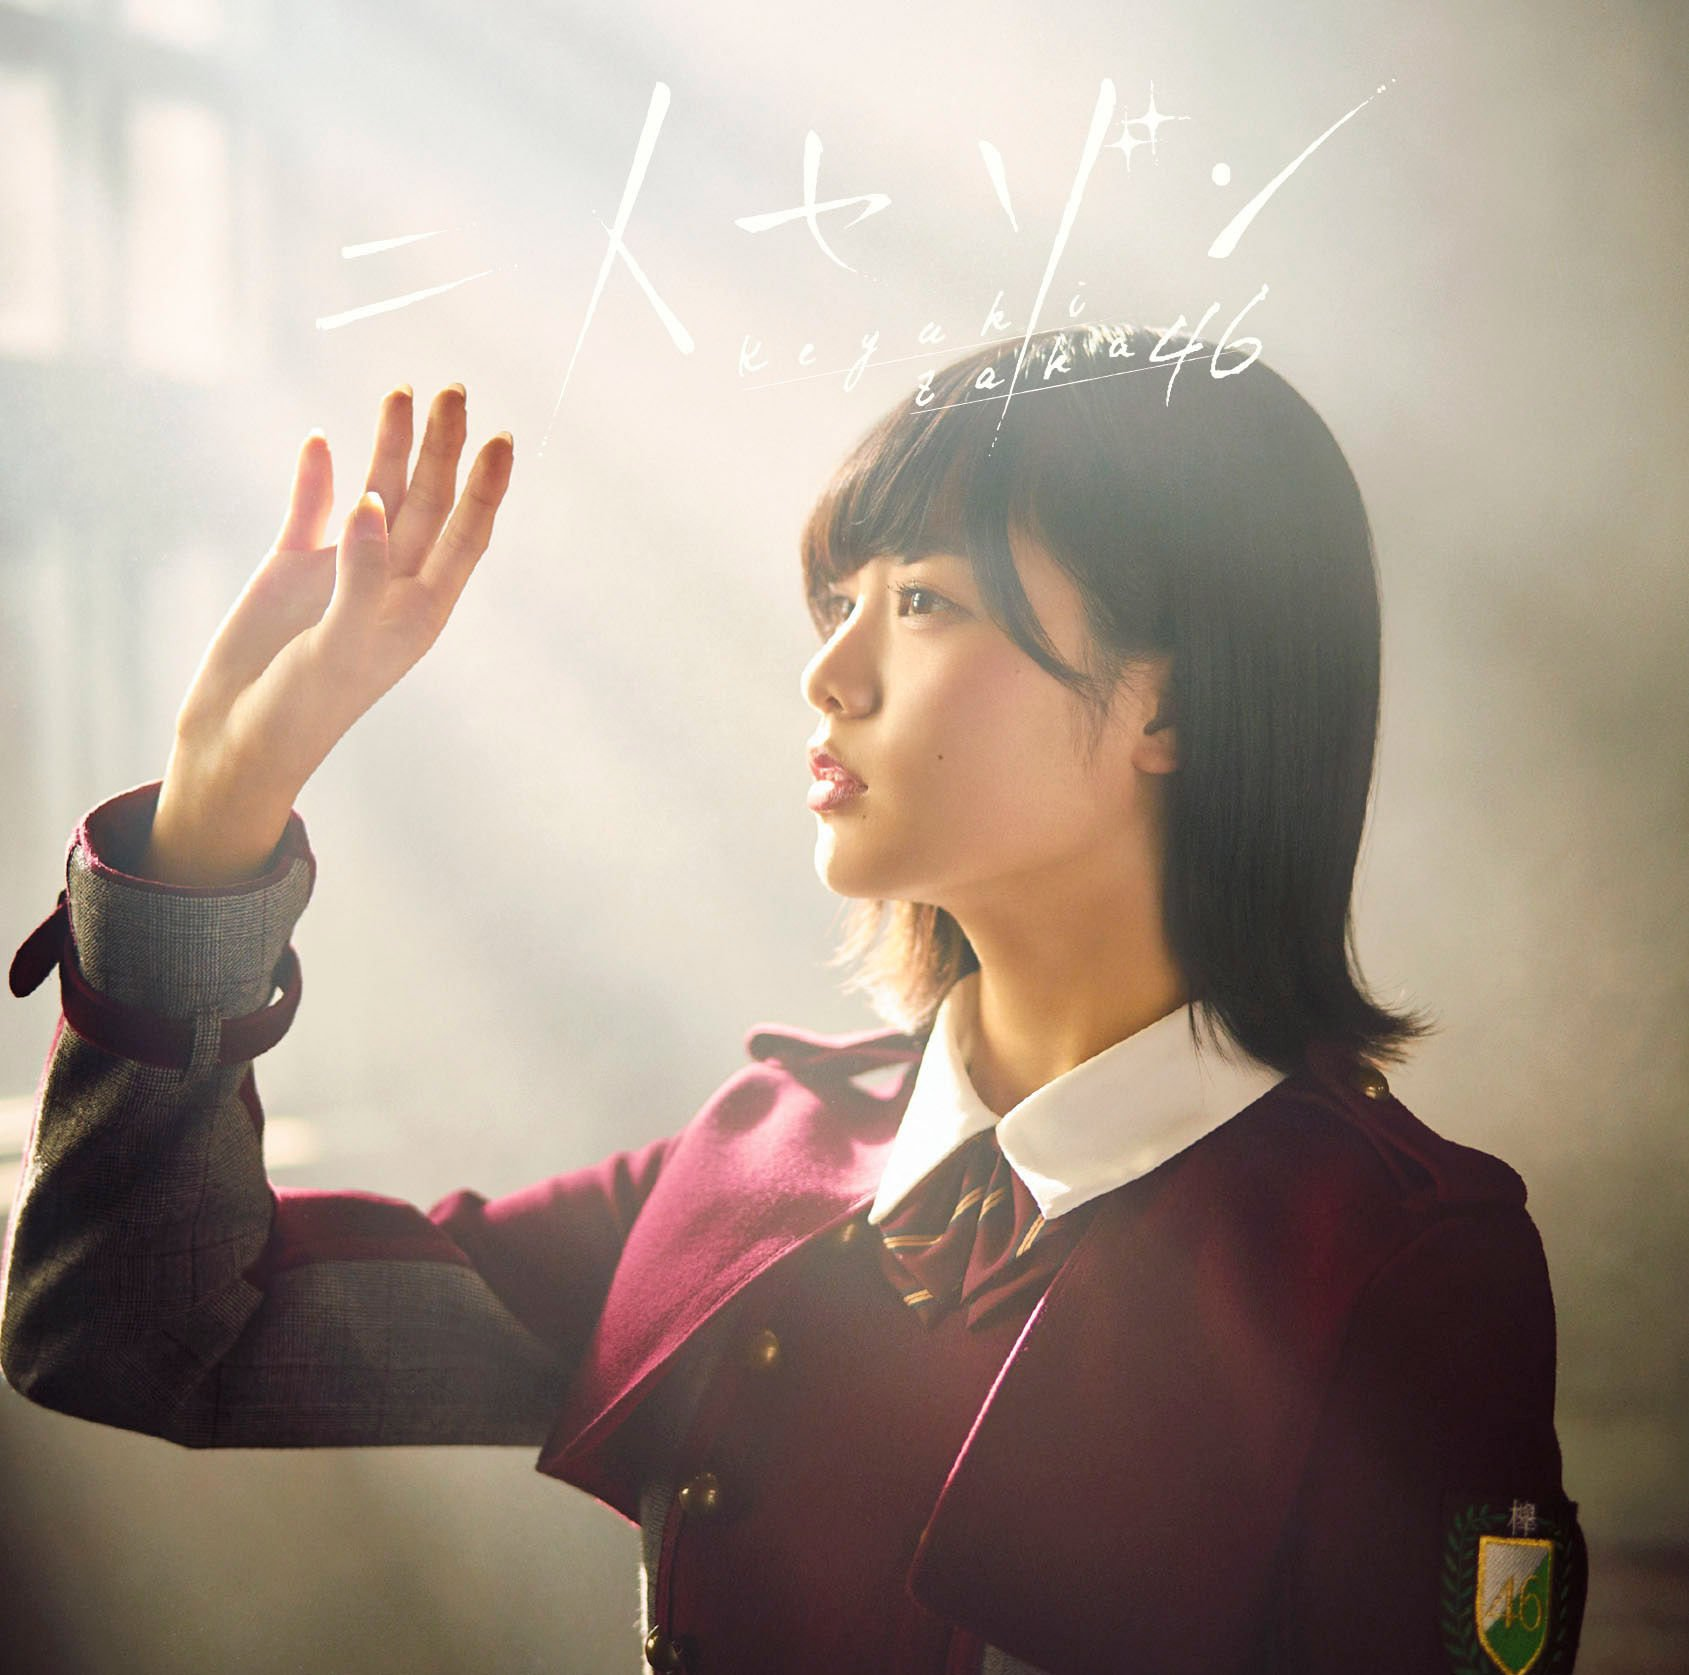 乃木坂46生田絵梨花、「ベスト・クラシック100」の新イメージキャラクターに就任